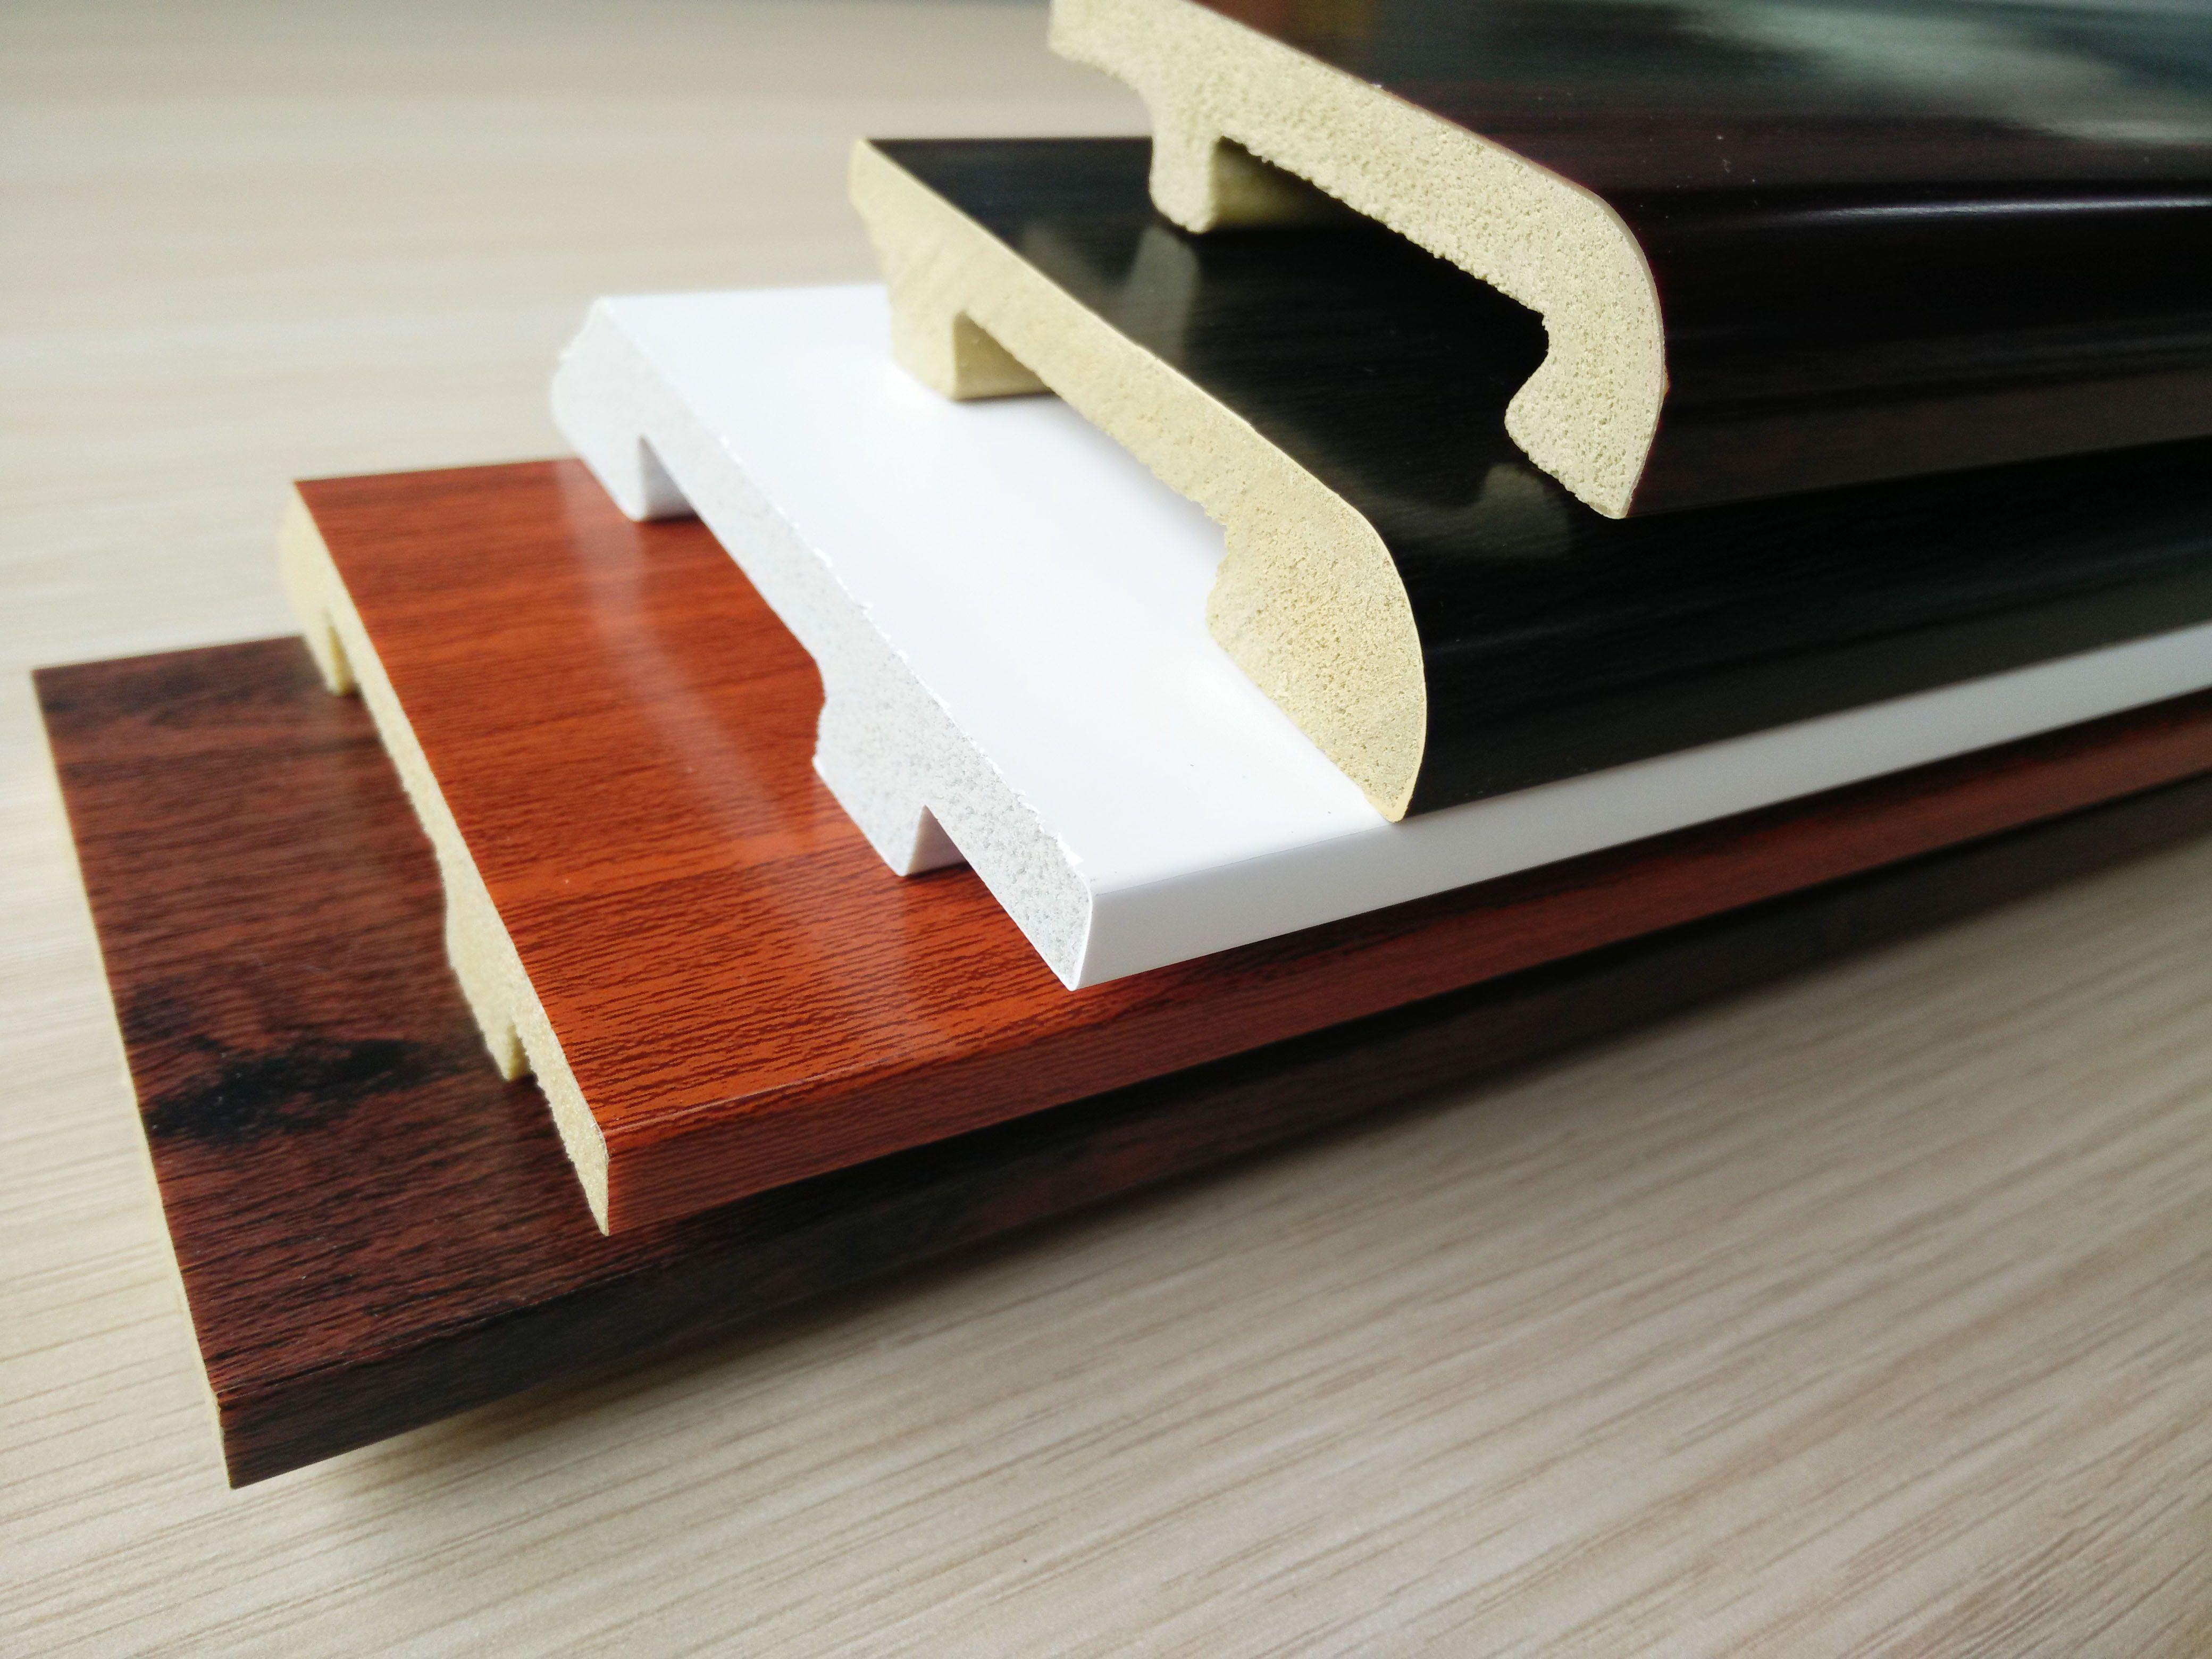 Skirting Board Ps Material Light In Weight Waterproof Anti Moth Environment Friendly Formaldehyde Free Hanflor Vinyl Wood Flooring Wood Vinyl Wood Floors